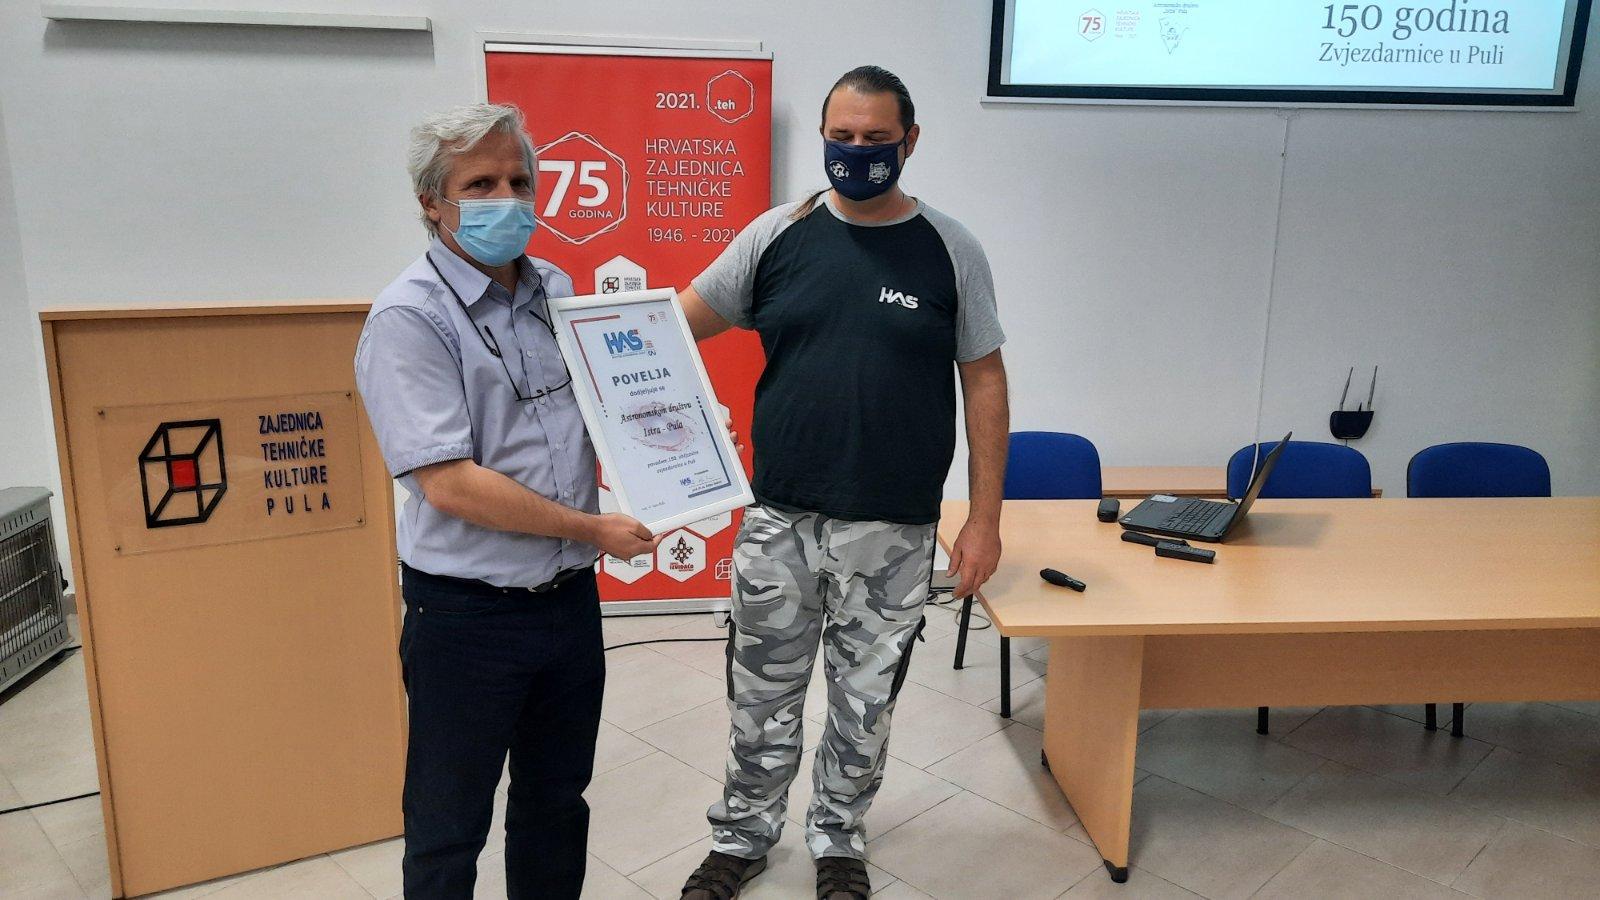 Najstarija zvjezdarnica u Hrvatskoj obilježila 150 godina rada